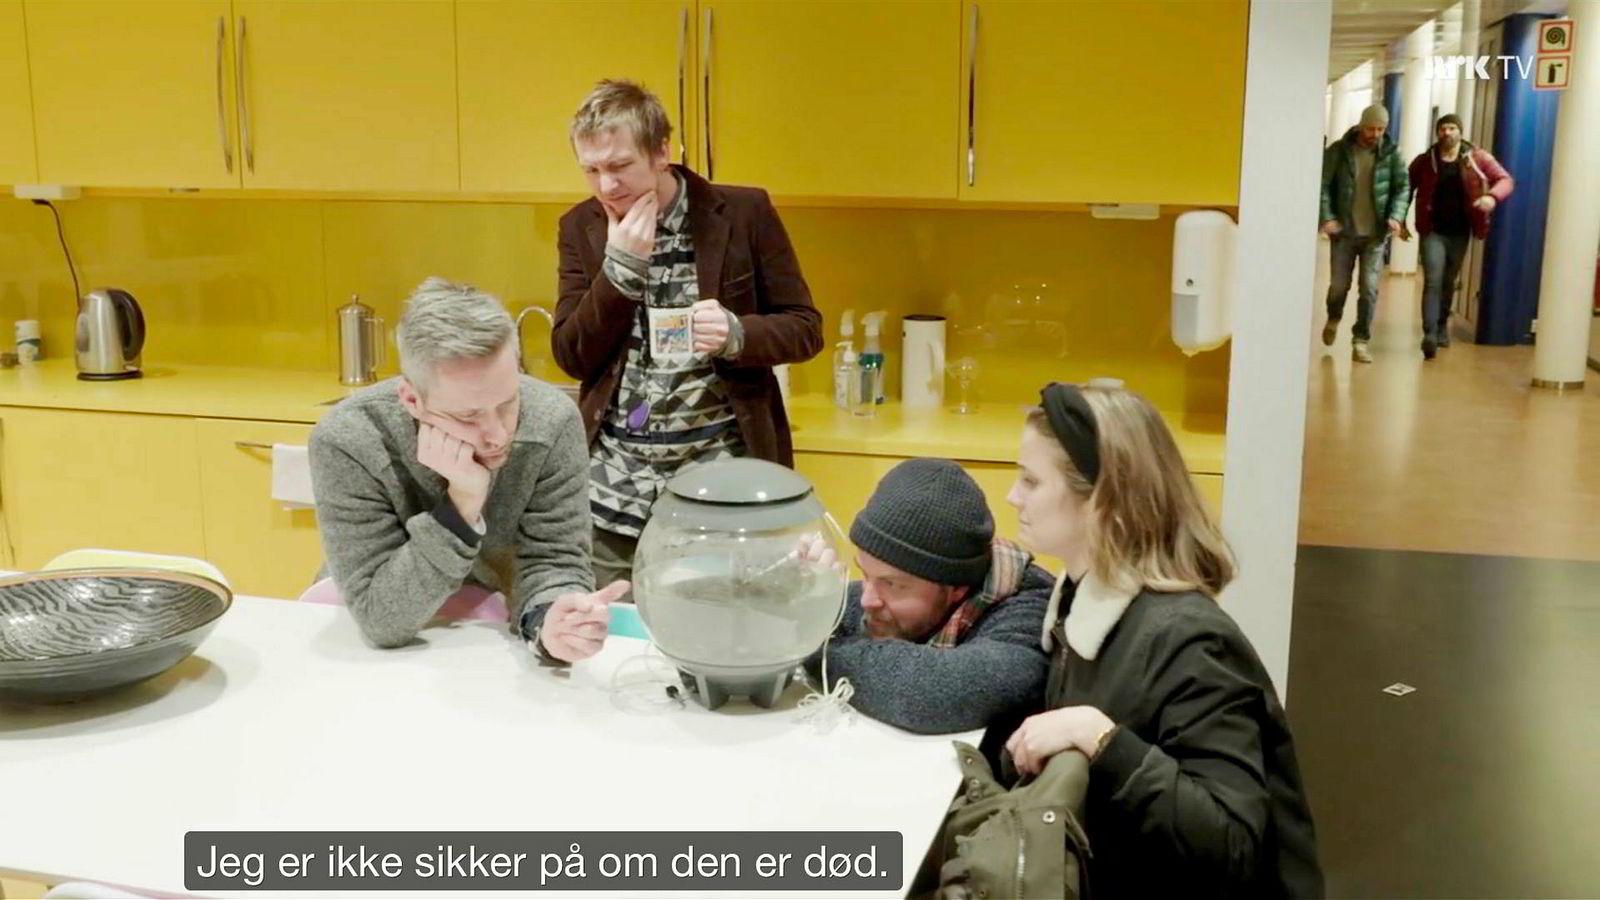 Skjermdump fra NRK Satiriks' episode hvor programlederne tester om akvariefisken overlever giftutslipp i gullfiskbollen.